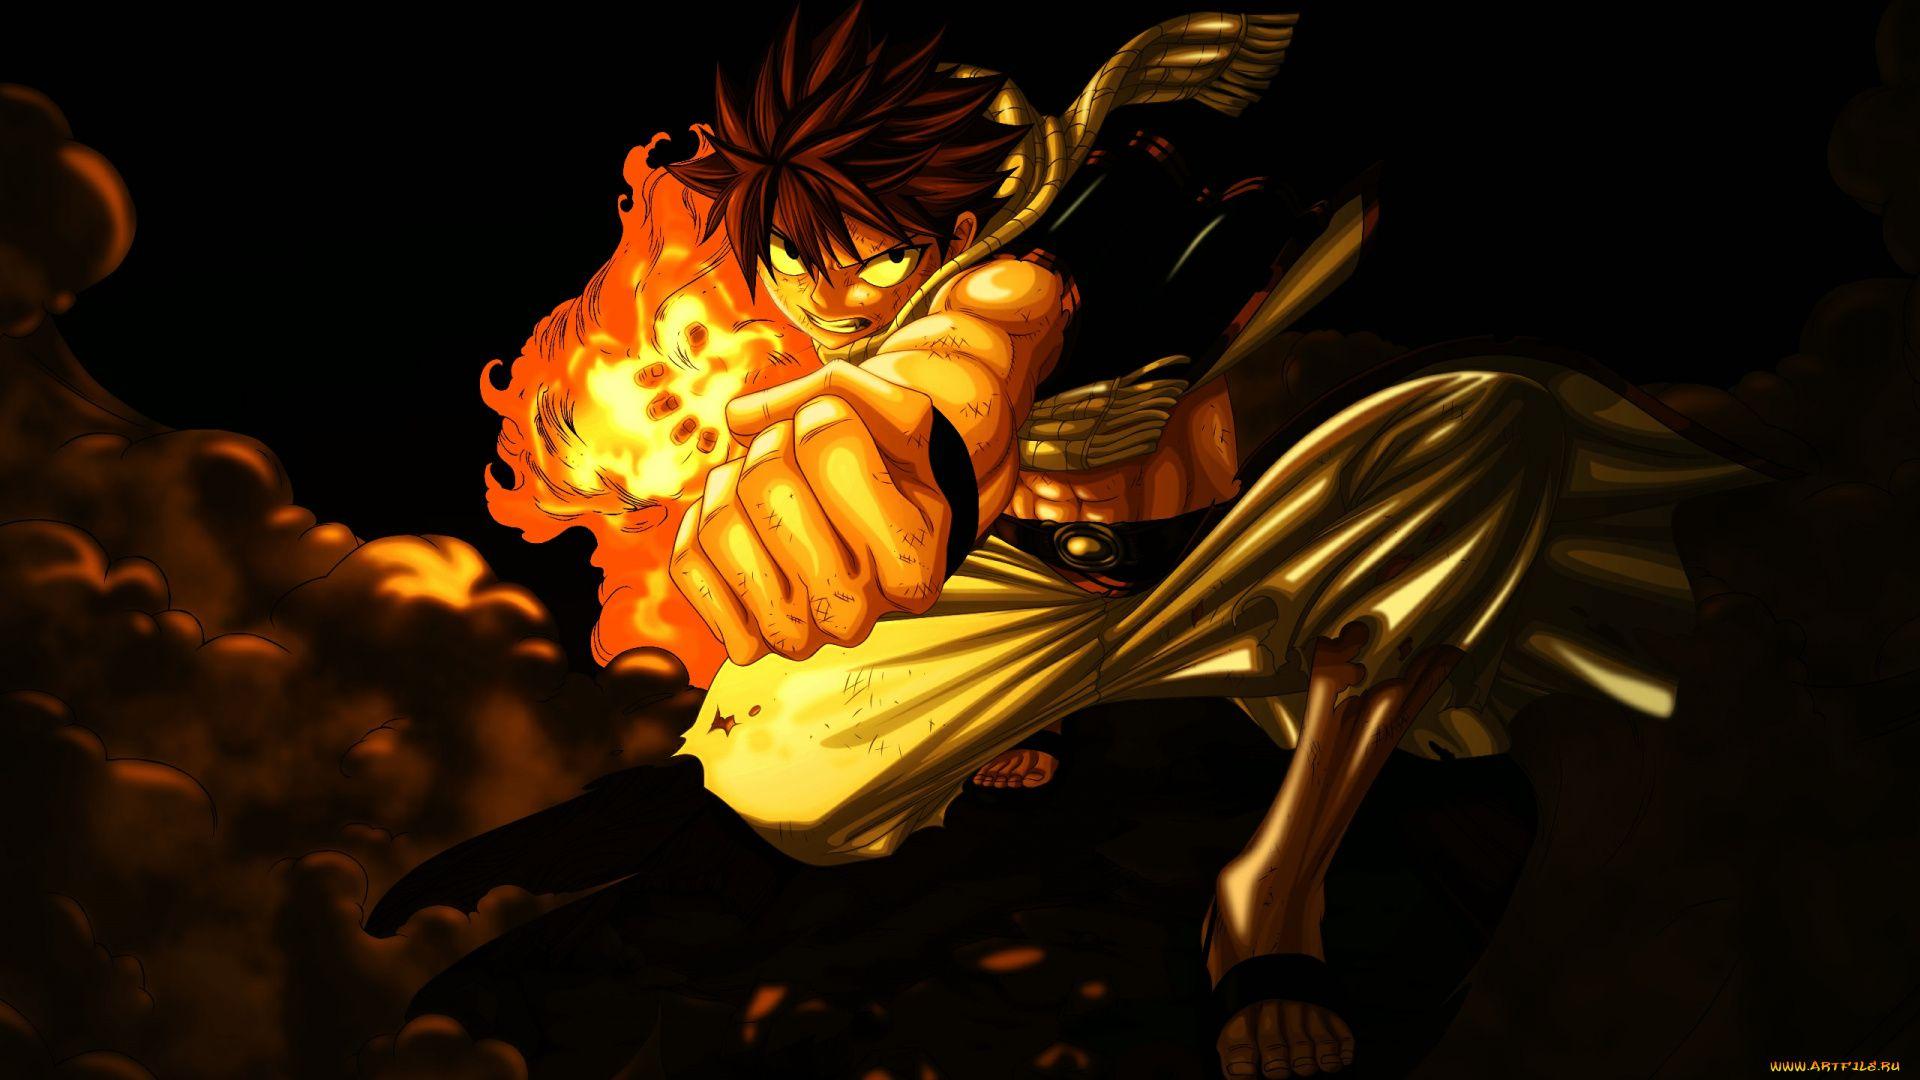 Fairy Tail Natsu free